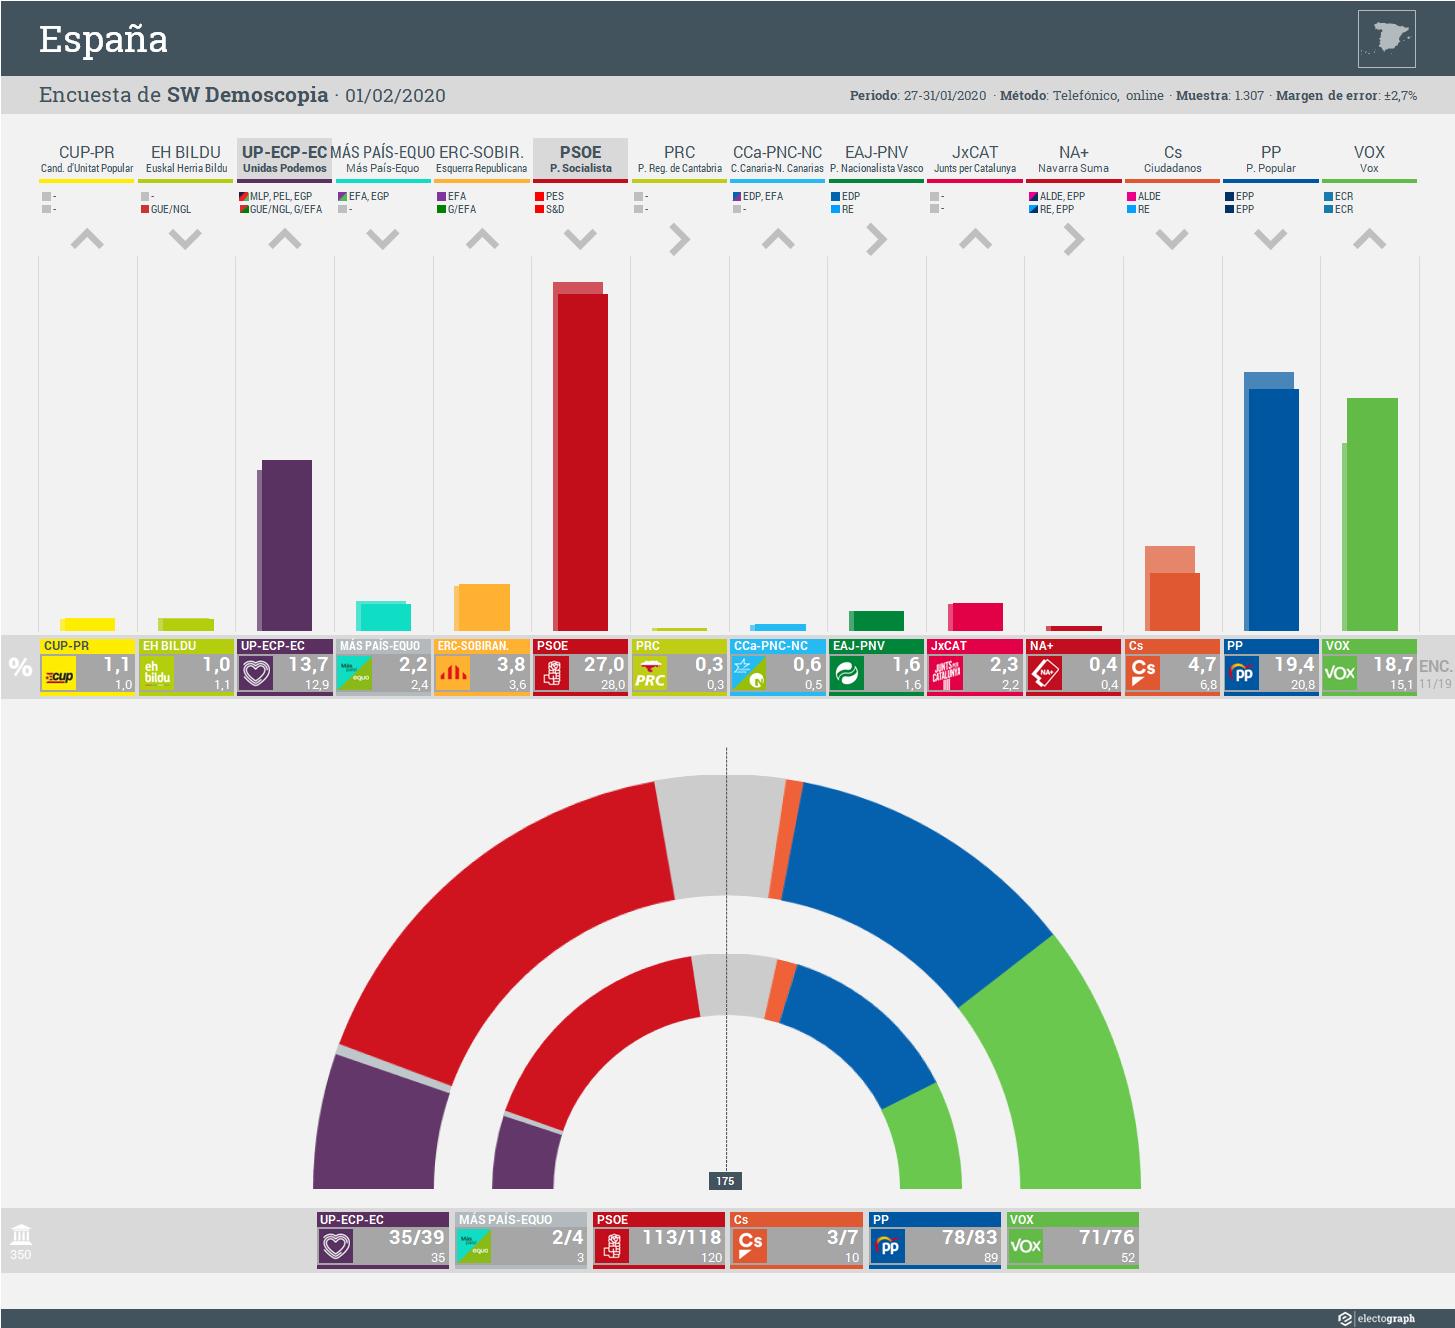 Gráfico de la encuesta para elecciones generales en España realizada por SW Demoscopia, 1 de febrero de 2020